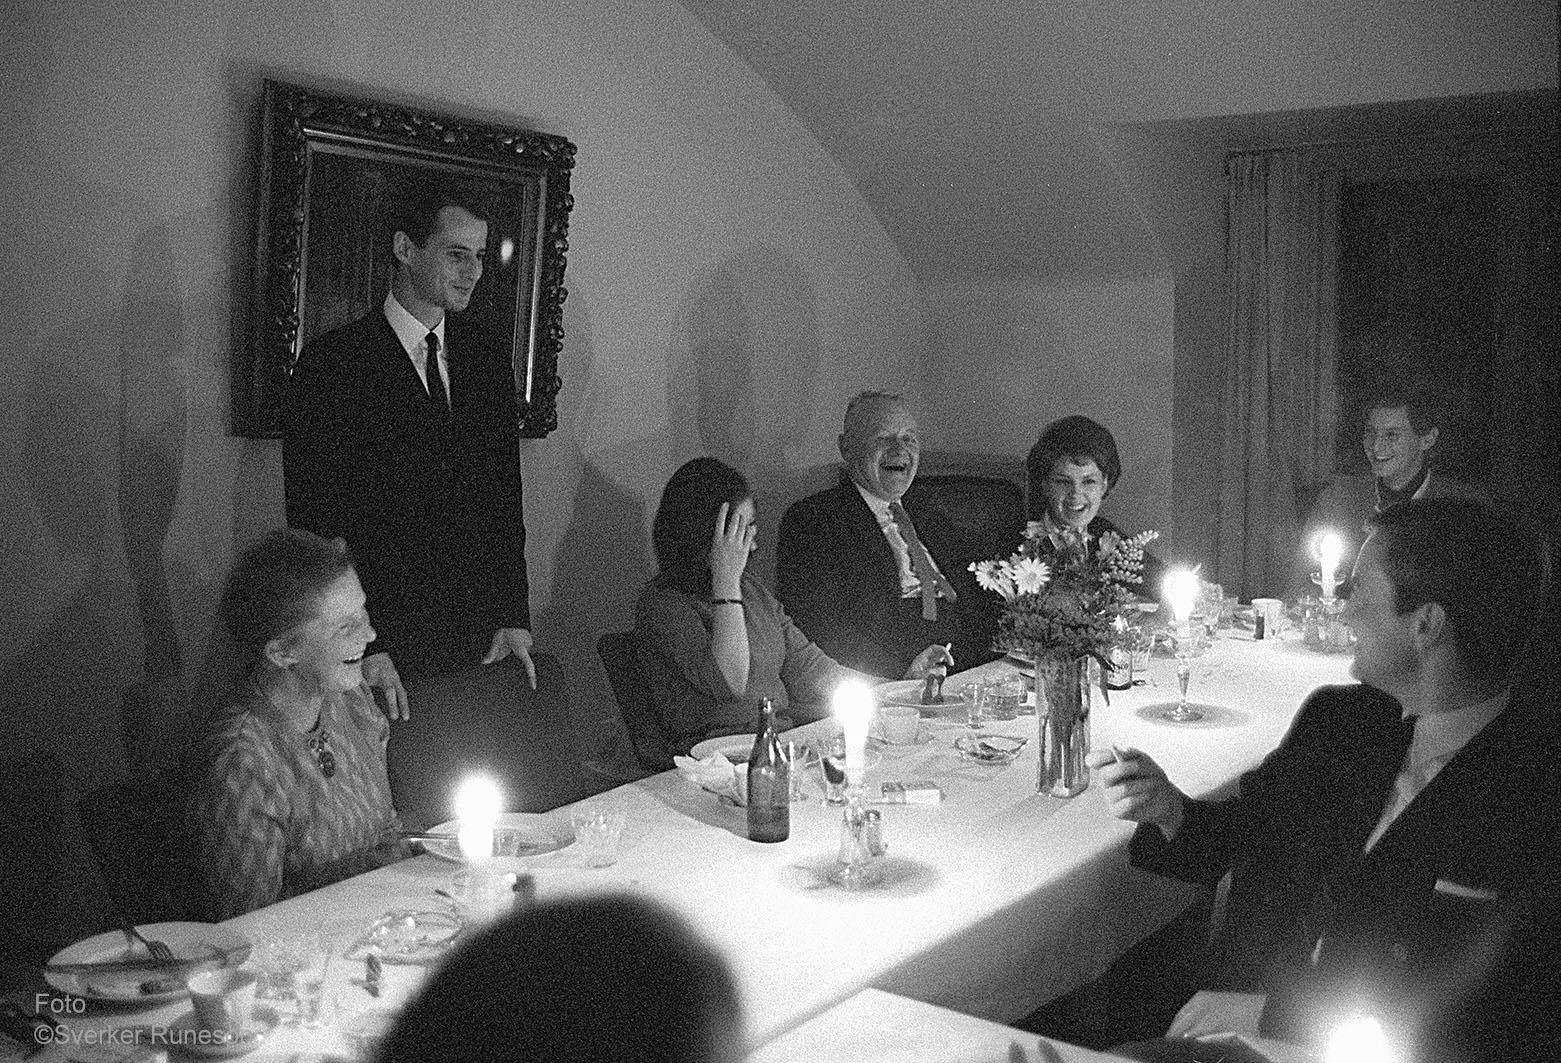 Västgöta Nation, Kinnekullerummet: Sexa efter Nationssammankomst 26 september 1967.